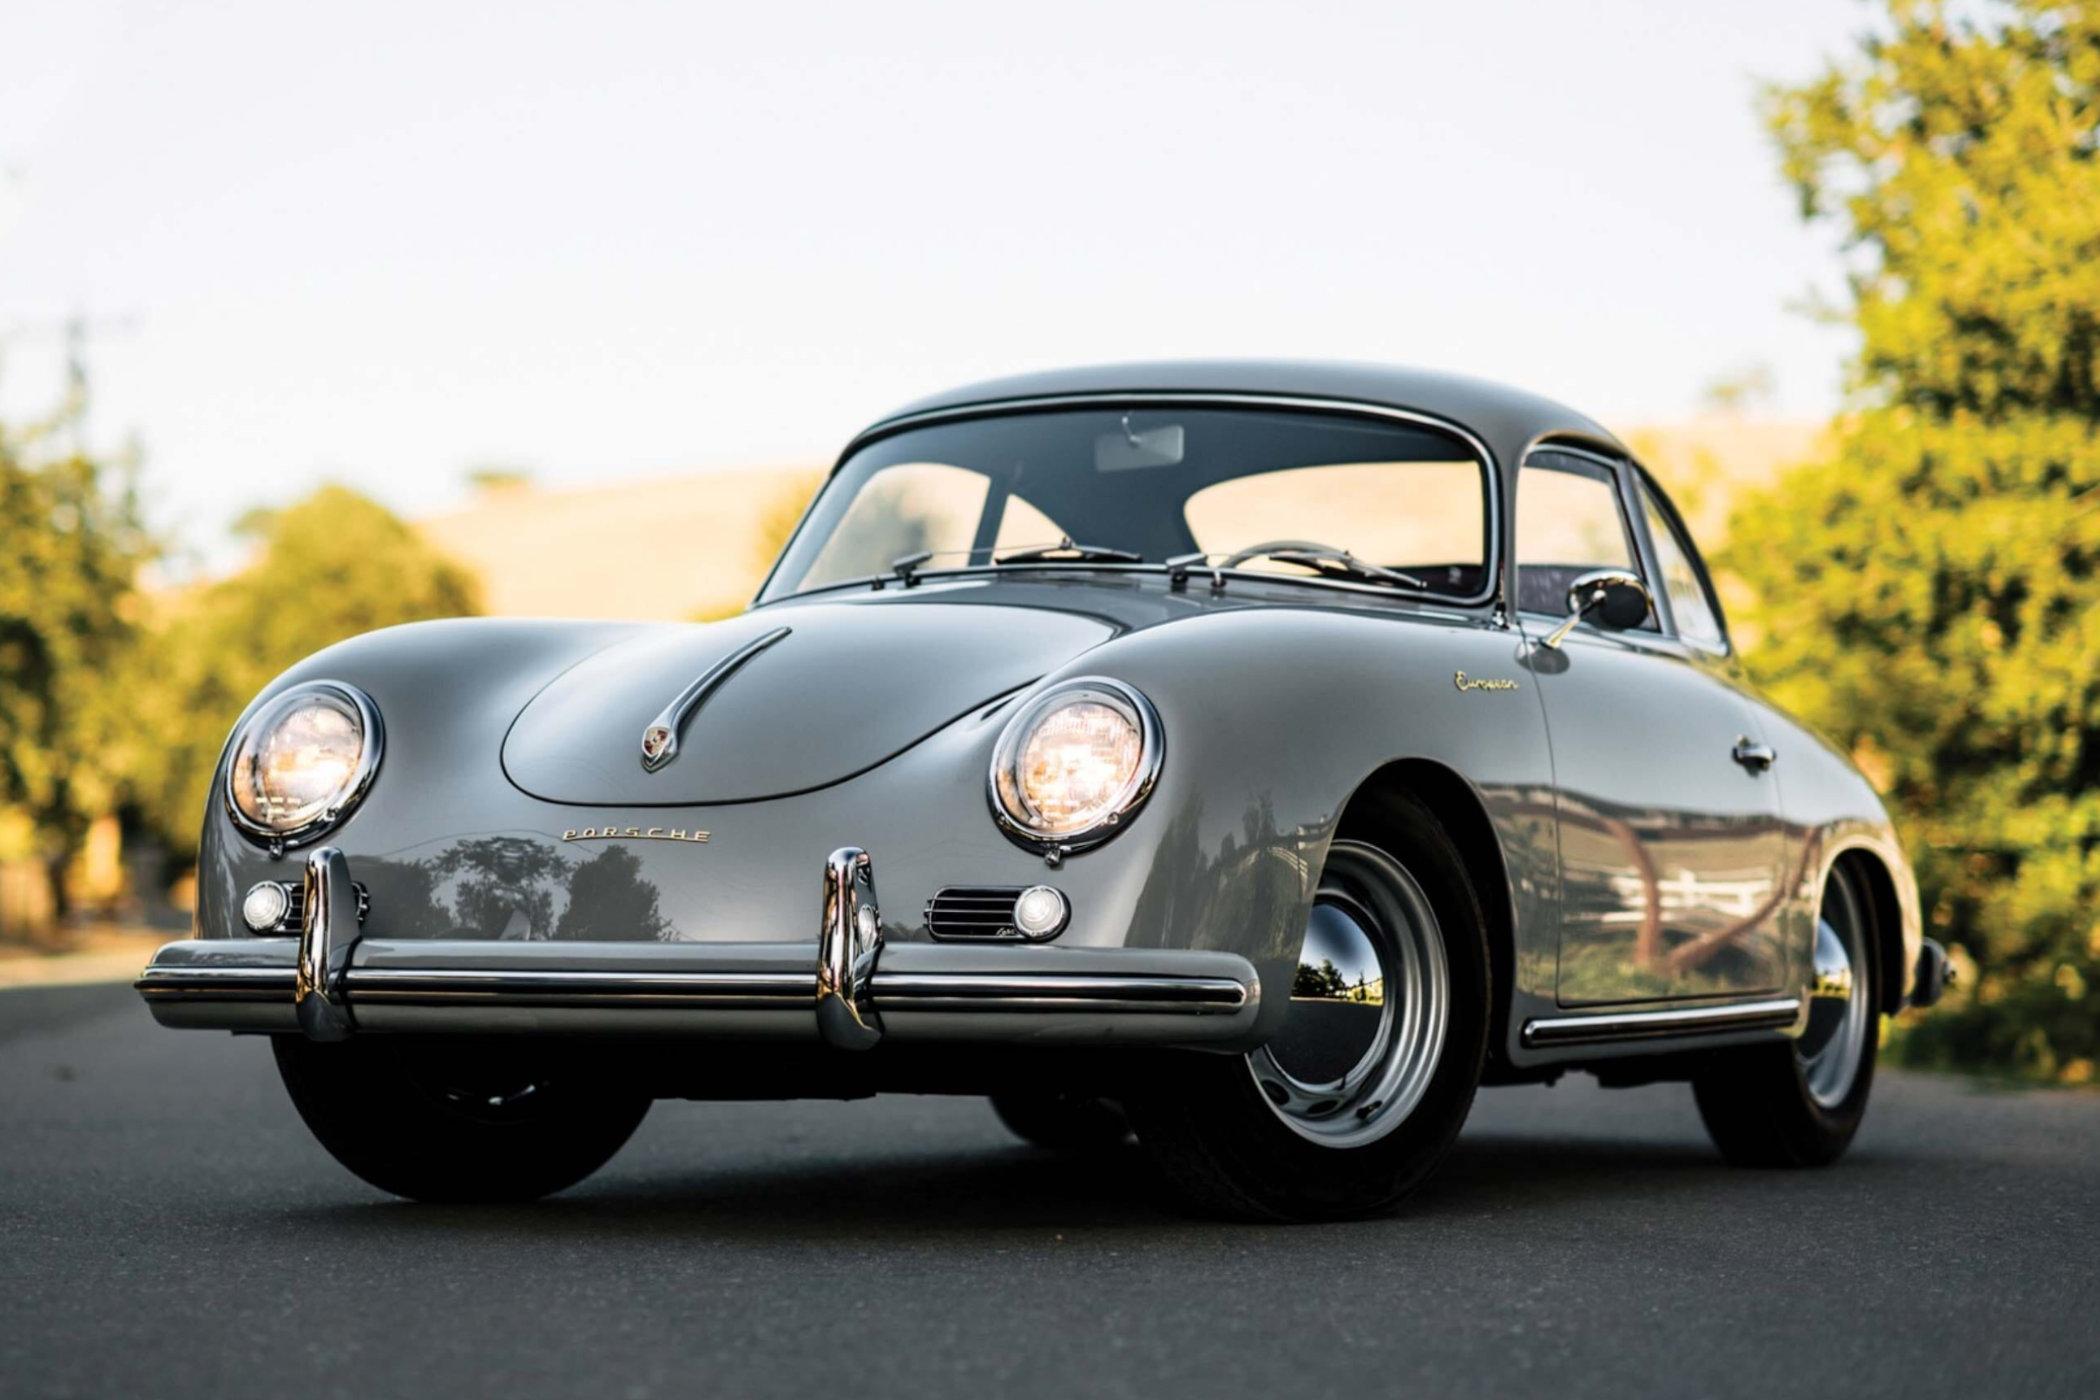 A European 1956 Porsche 356A